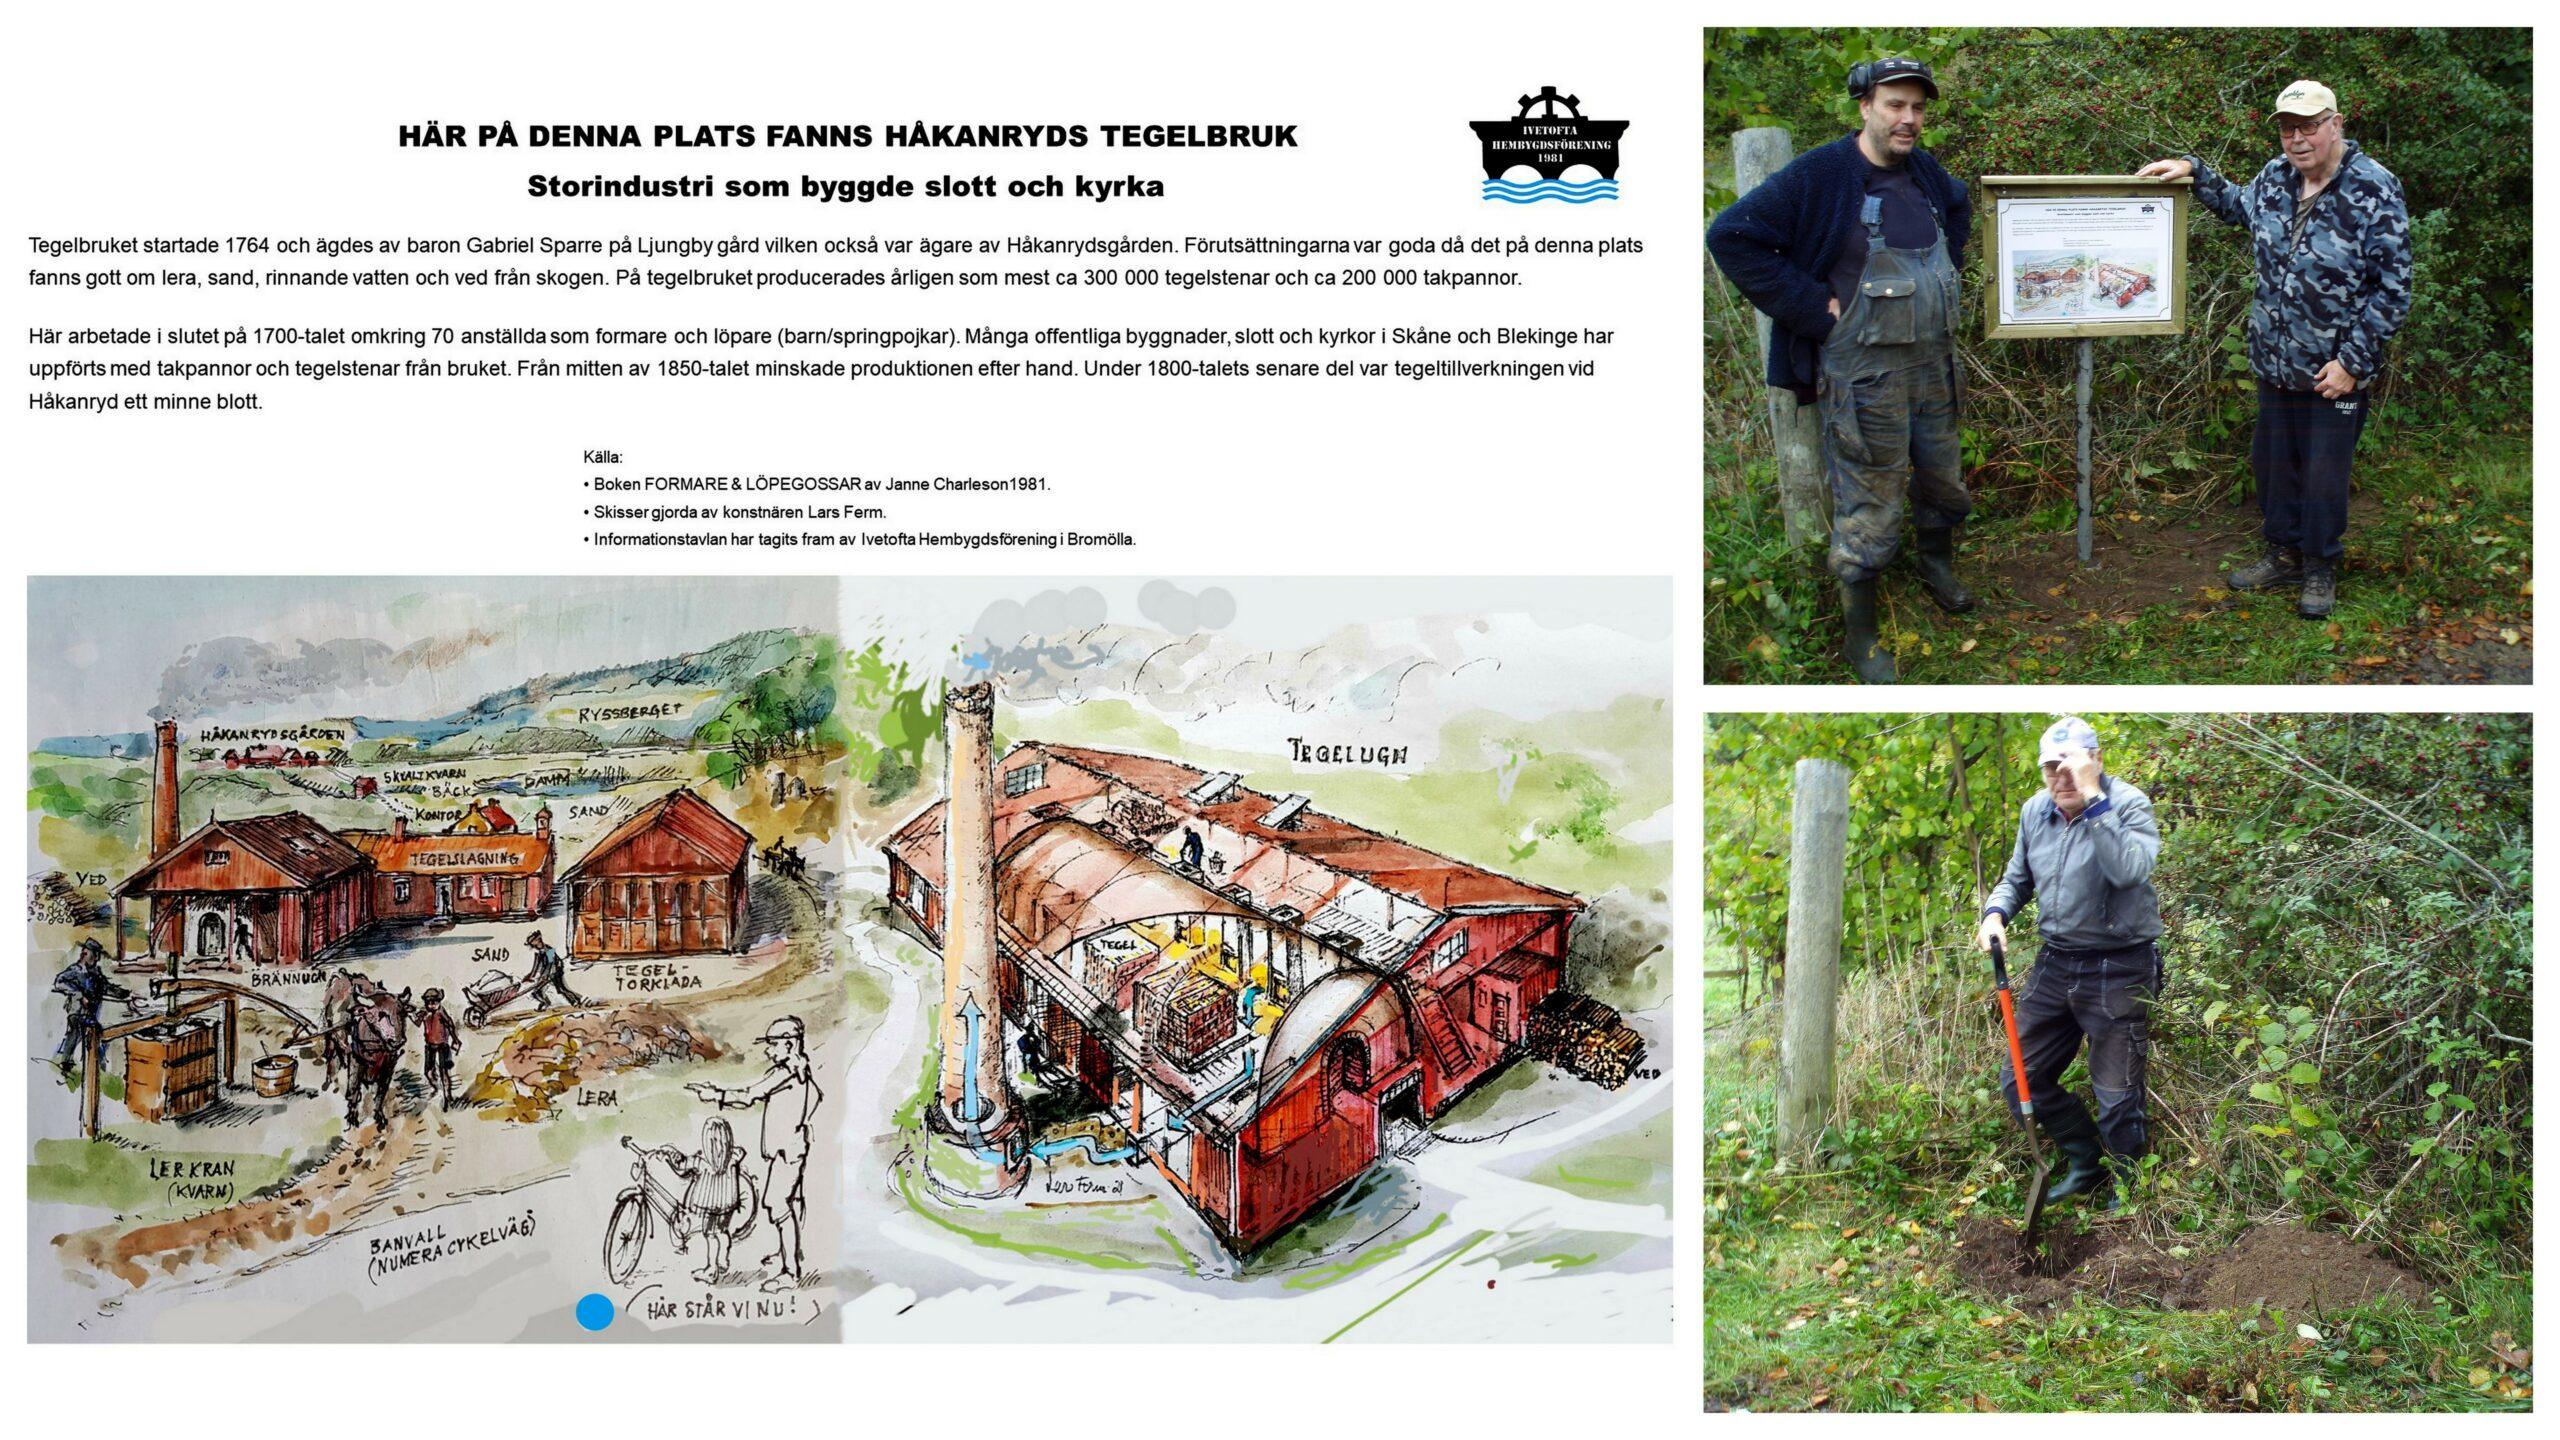 Informationstavla om Håkanryds tegelbruk på plats…